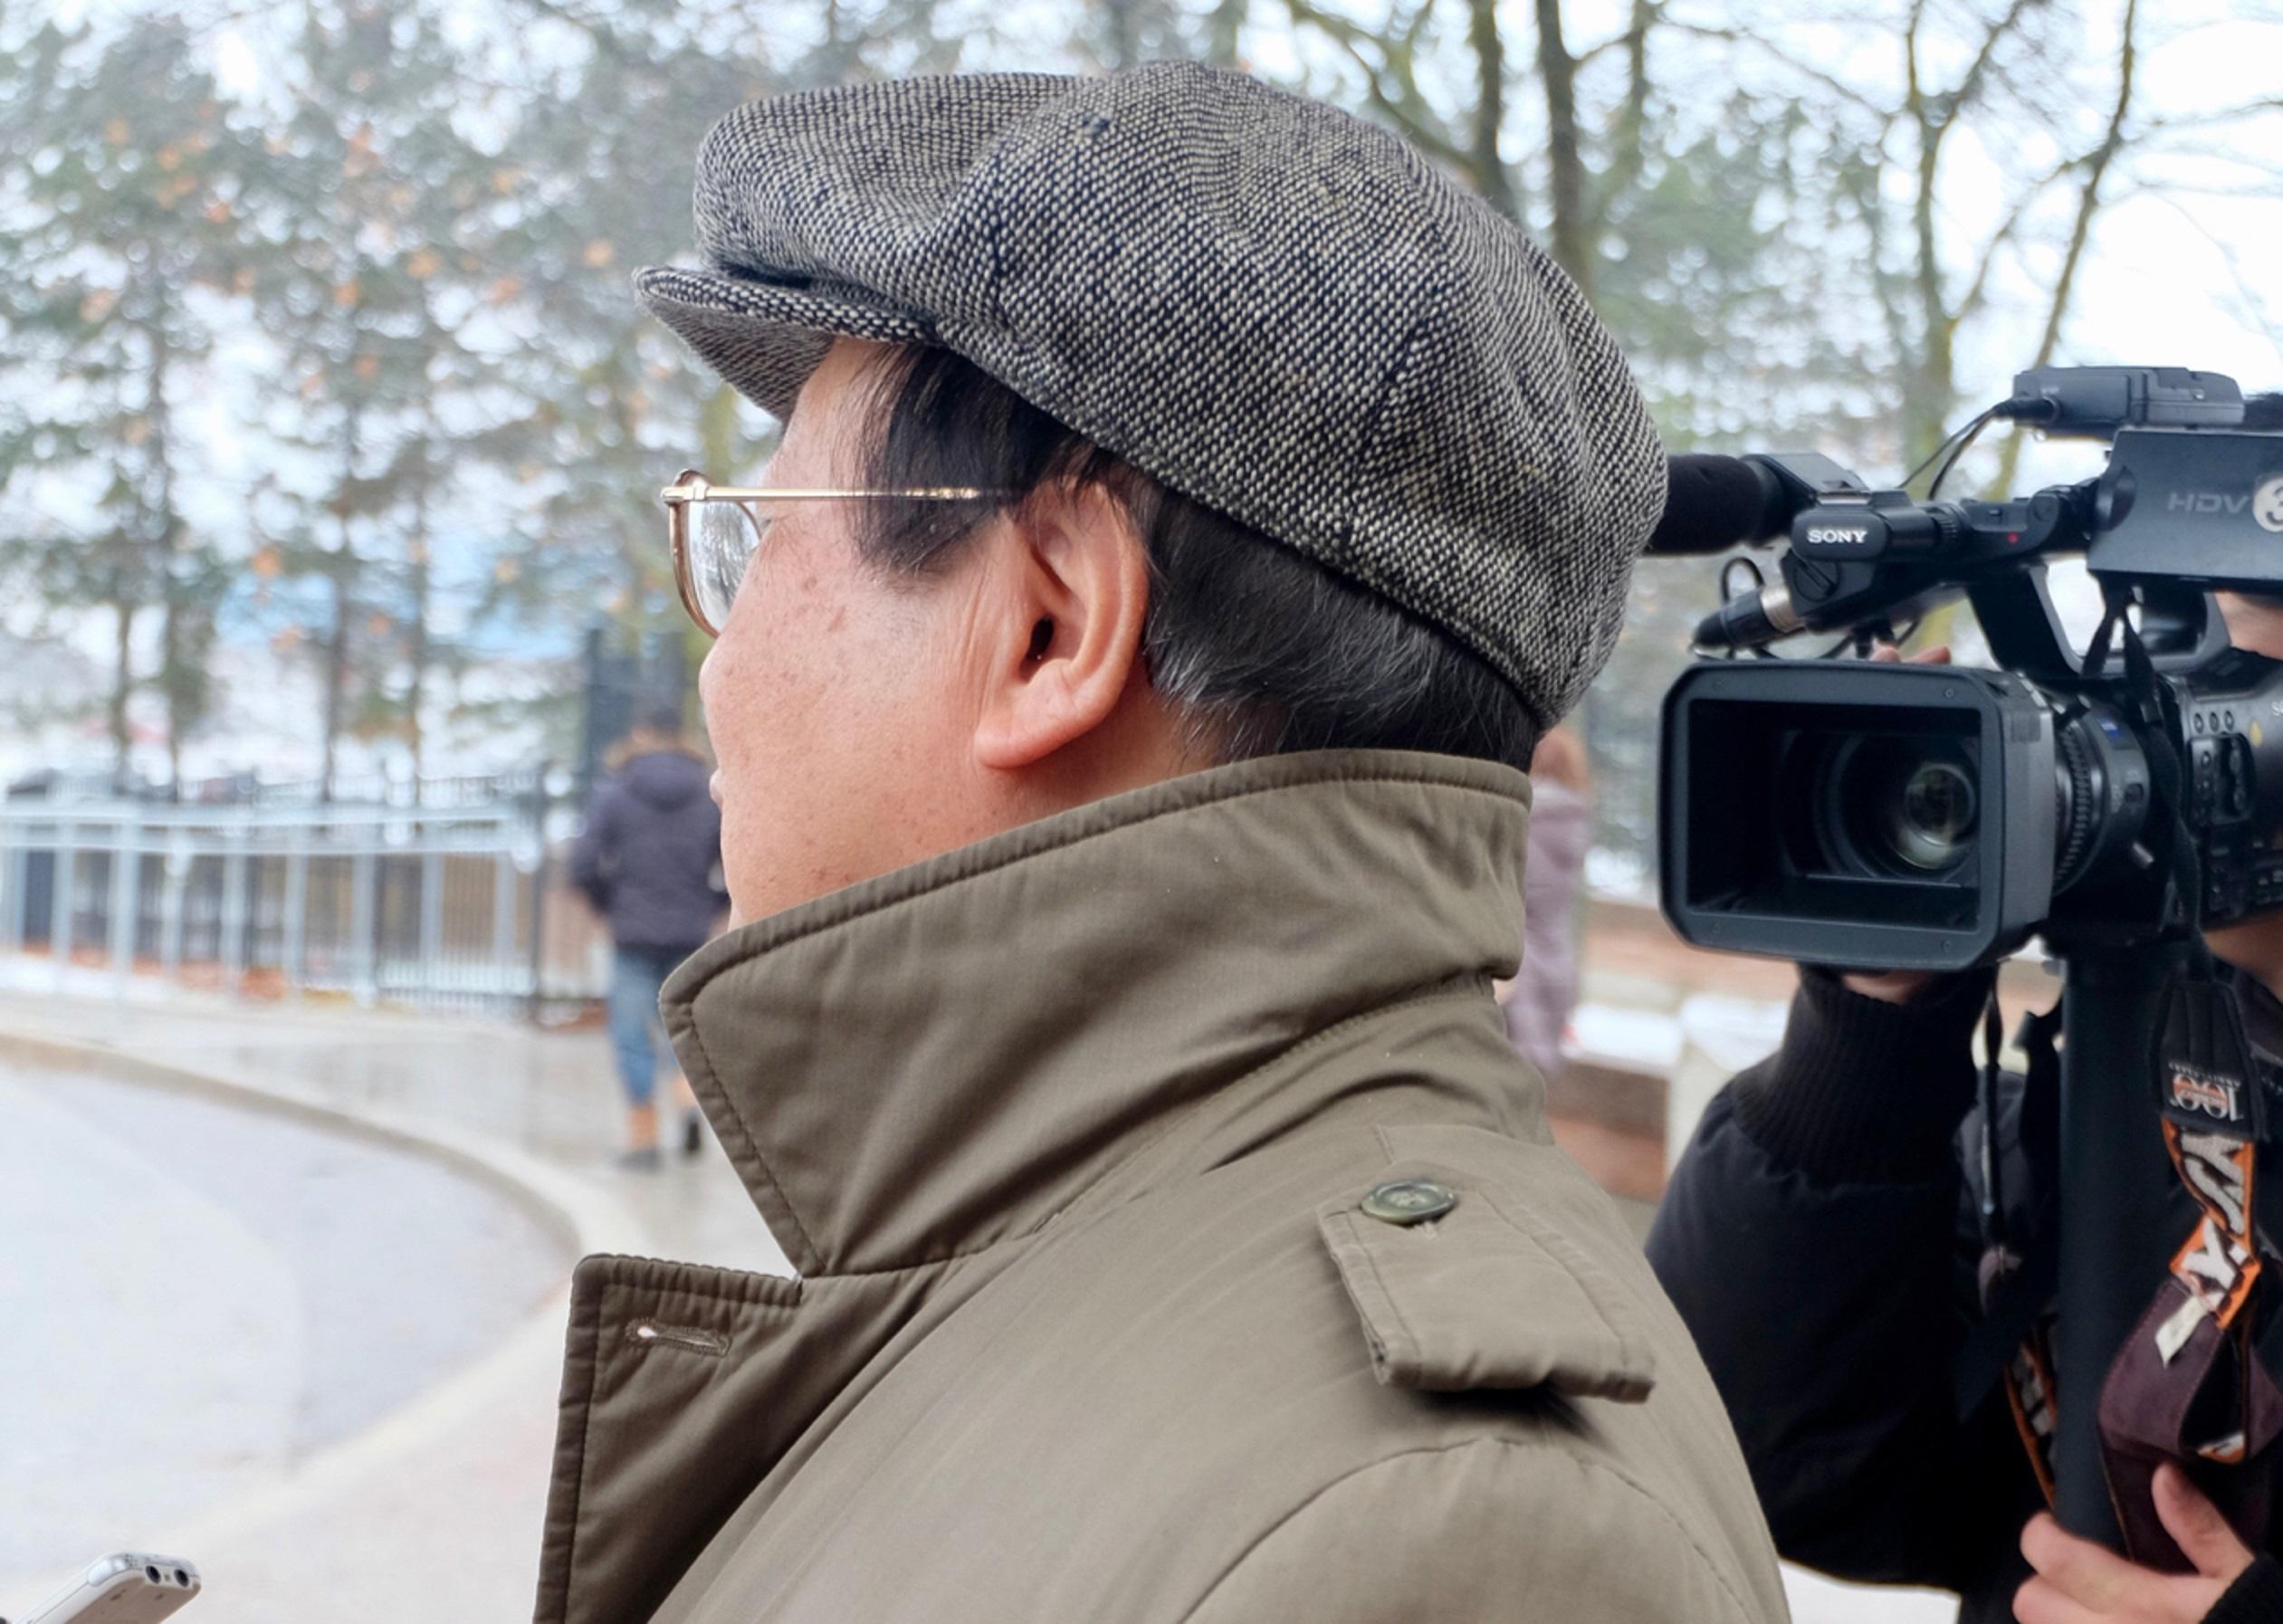 1月26日,诈骗案的华裔受害者吴先生告诉媒体,法官是公正的。(周月谛/大纪元)